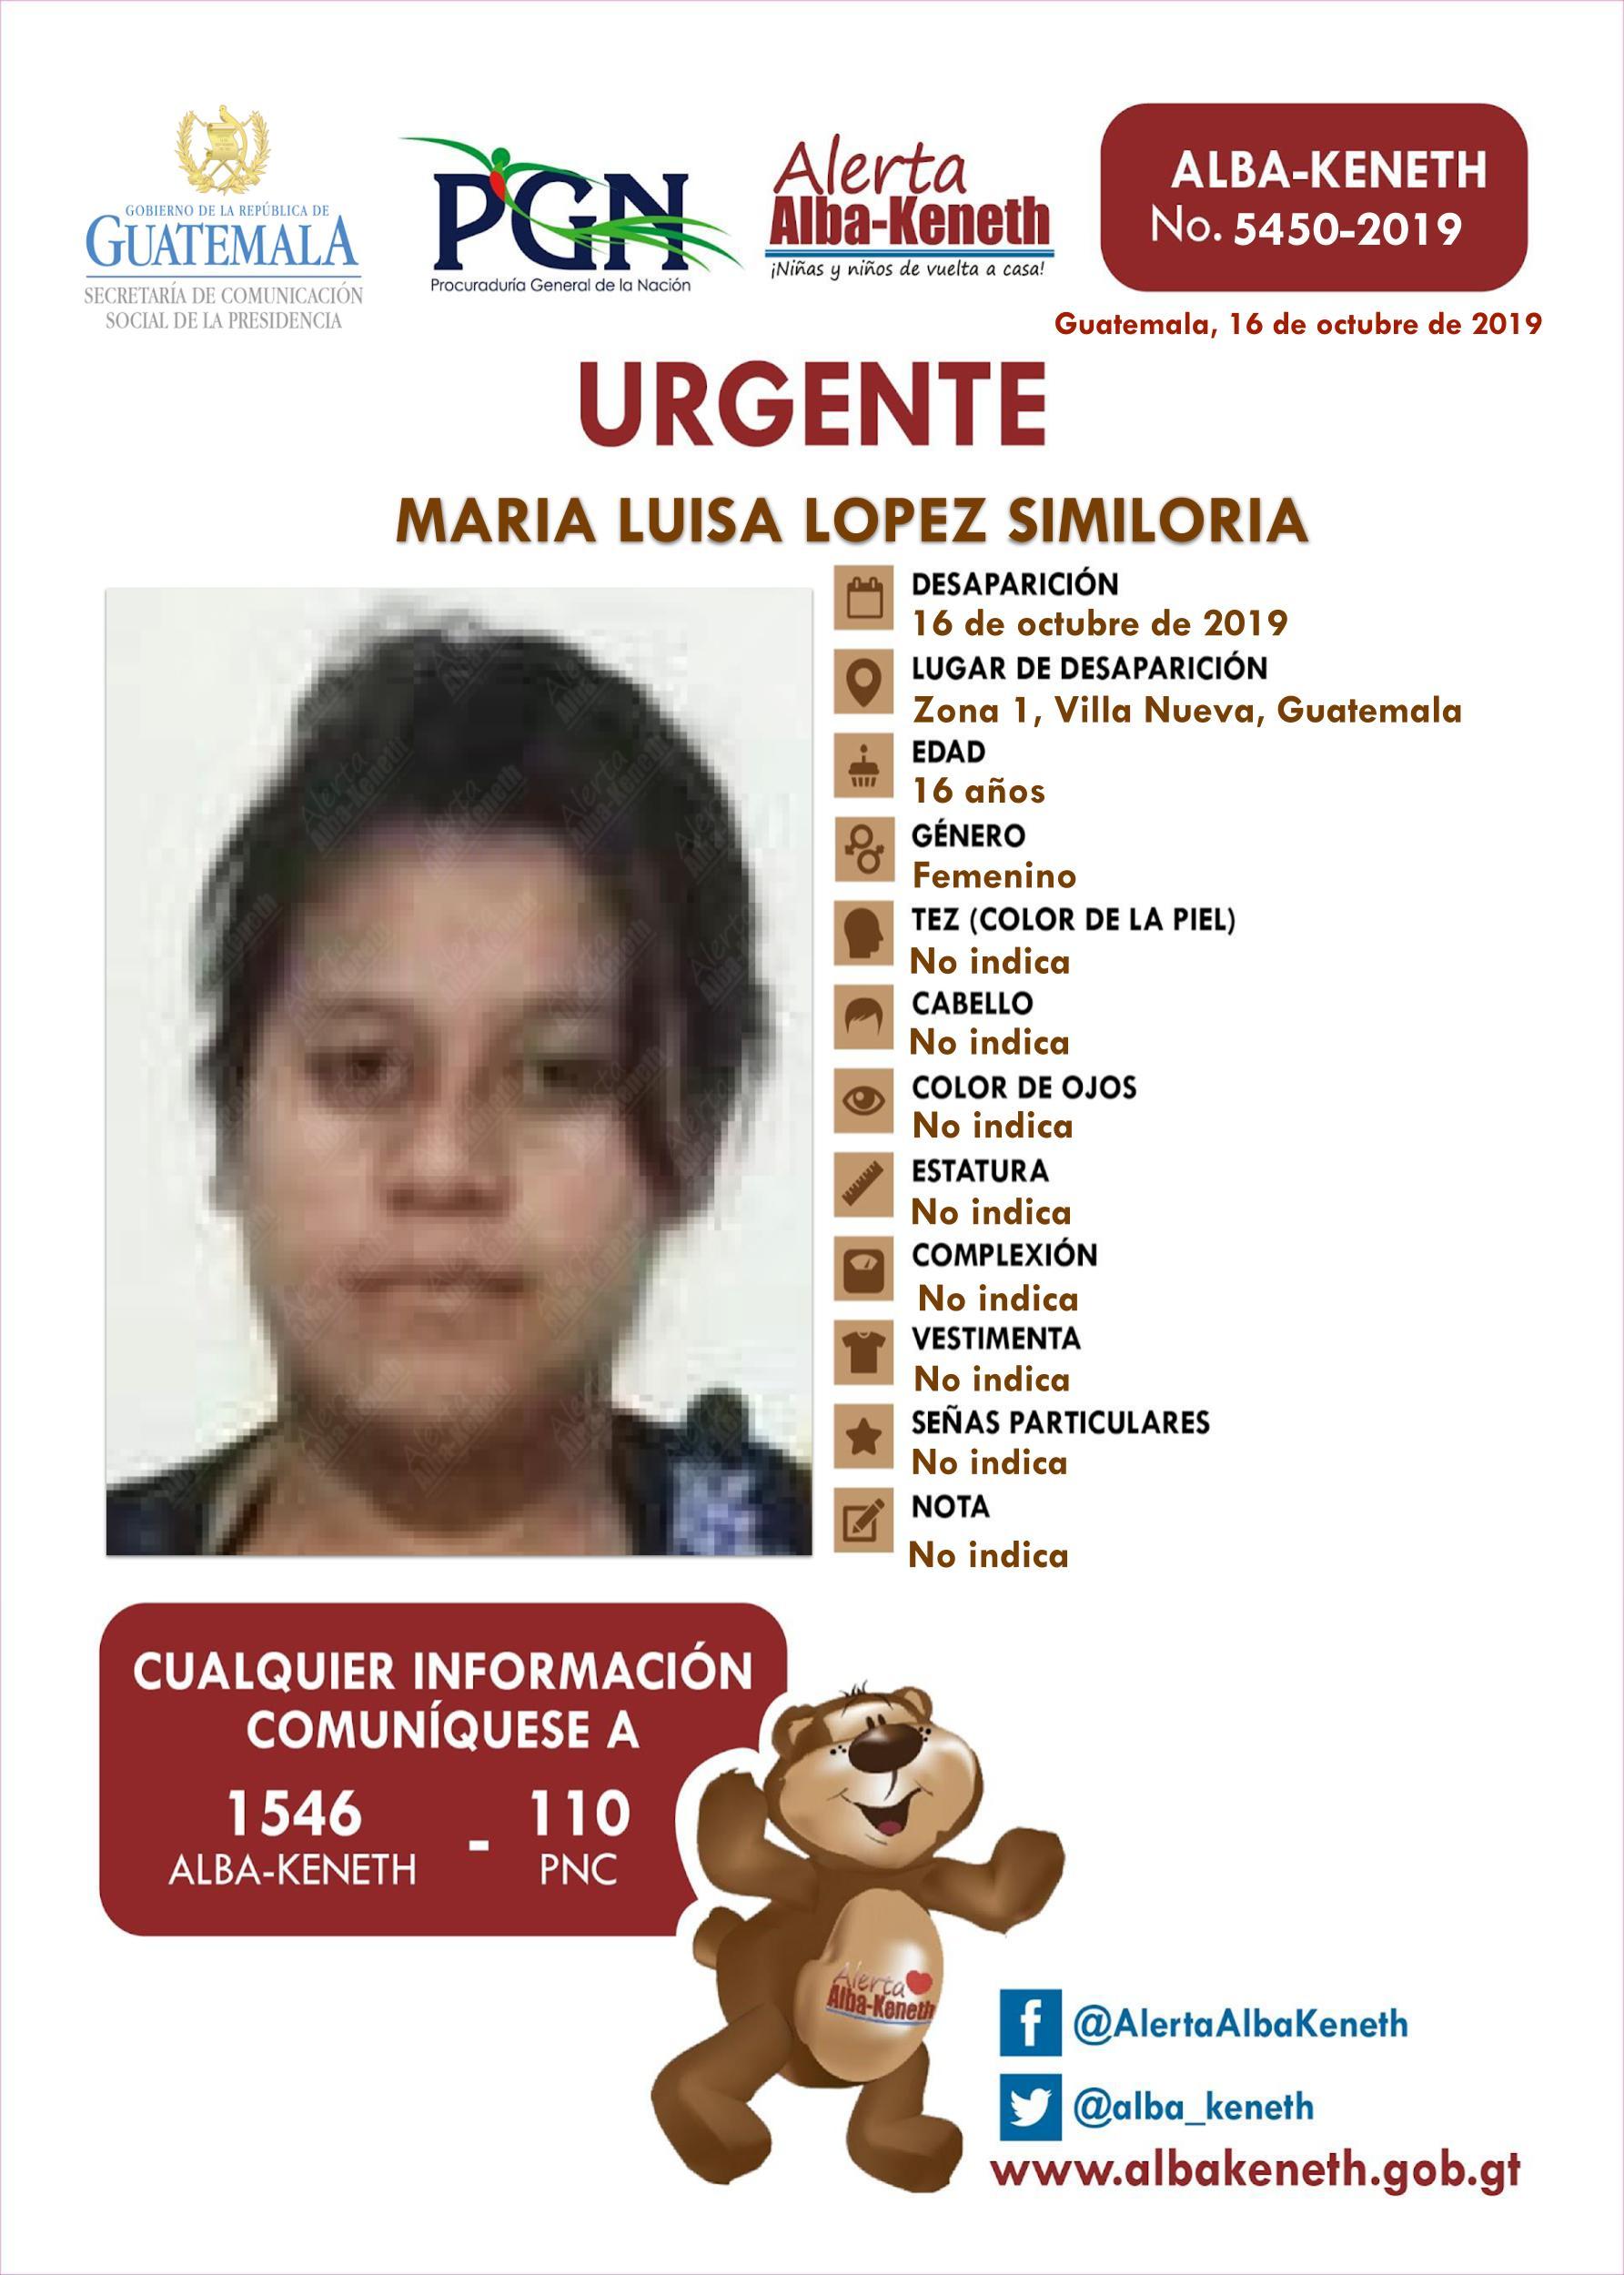 Maria Luisa Lopez Similoria